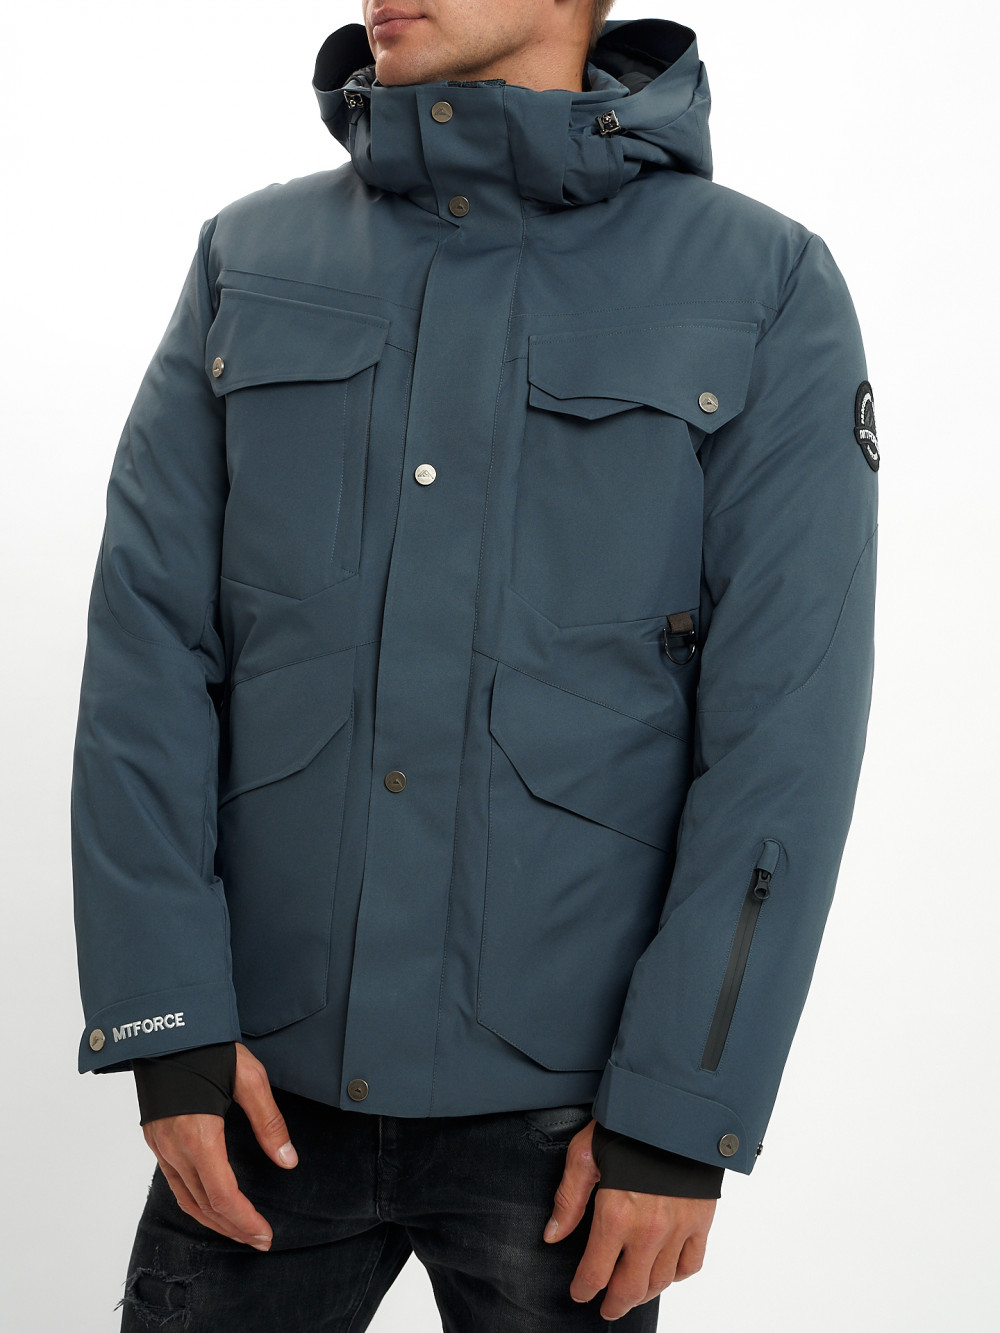 Купить оптом Горнолыжная куртка мужская MTFORCE темно-серого цвета 2088TC в Екатеринбурге